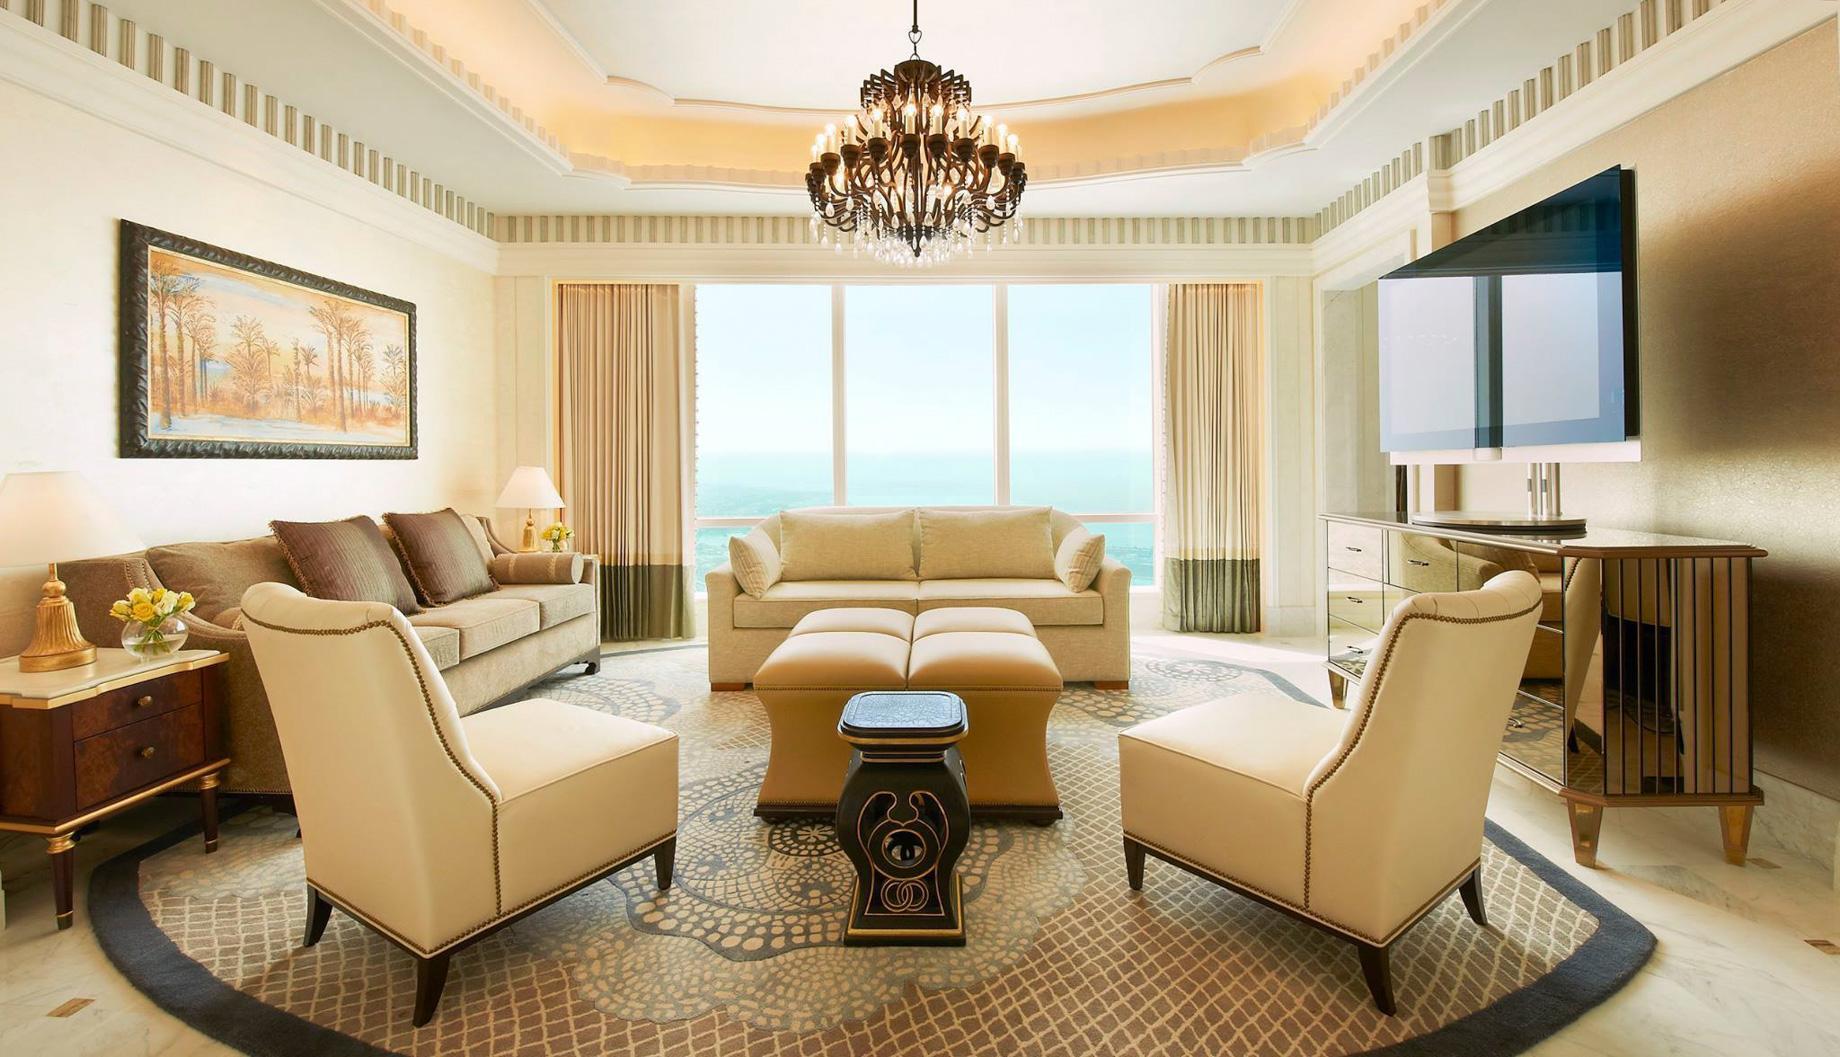 The St. Regis Abu Dhabi Luxury Hotel – Abu Dhabi, United Arab Emirates – Luxury Suite Living Room